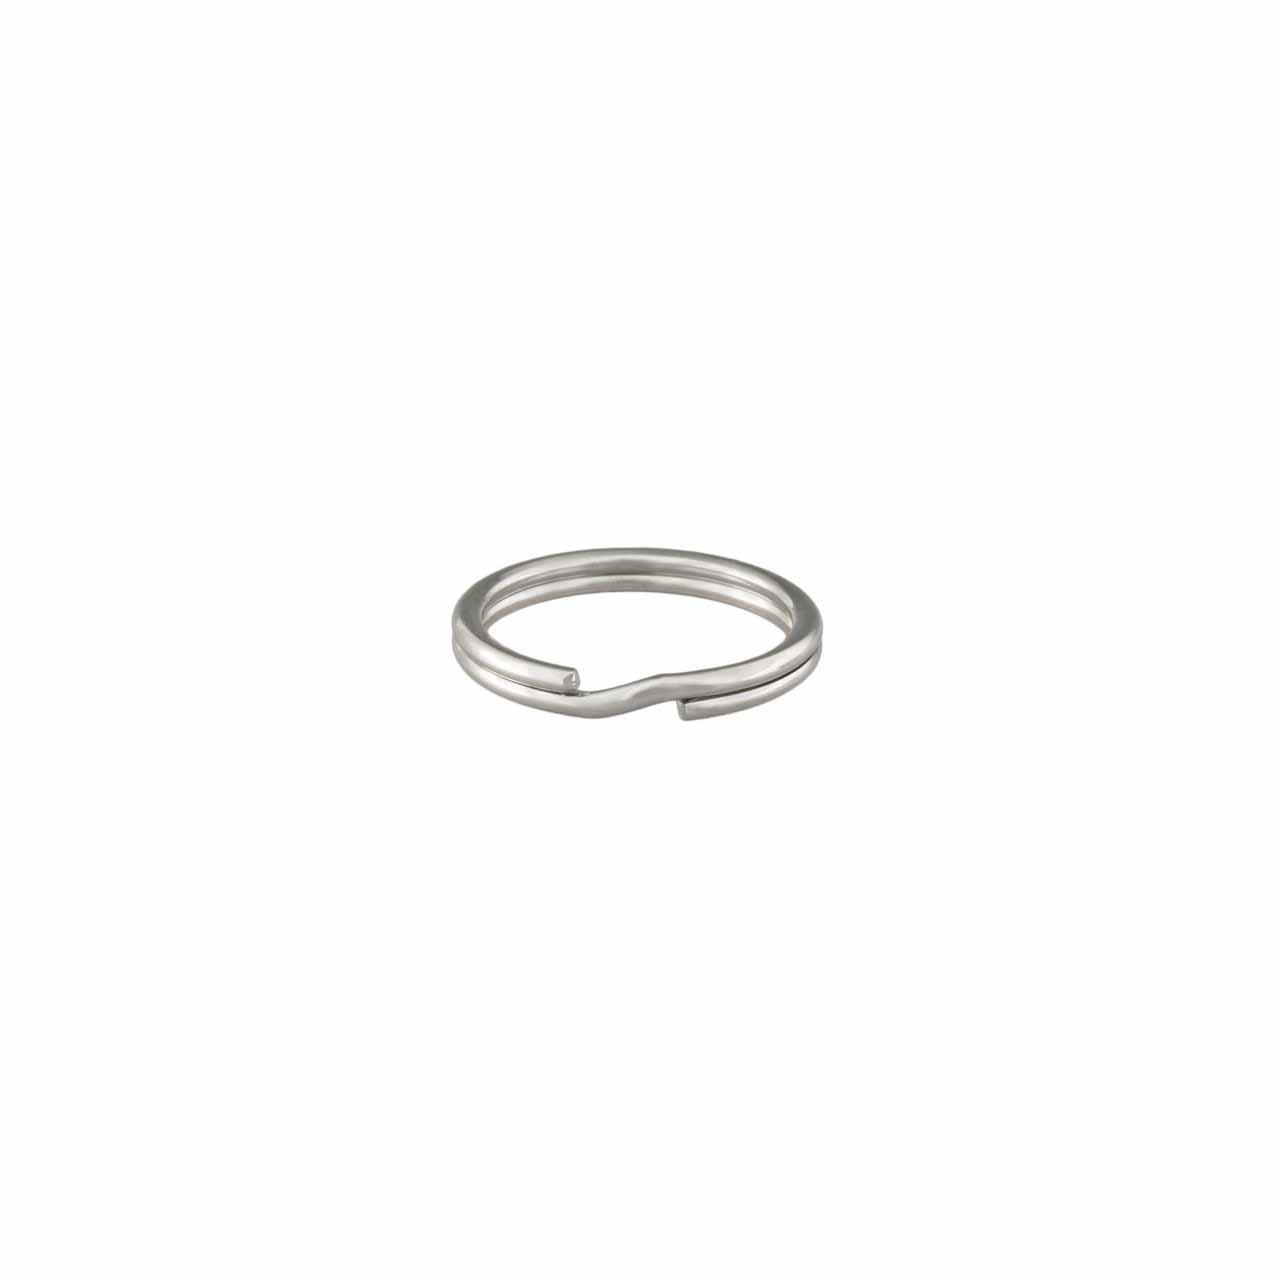 Stainless Steel Split Ring